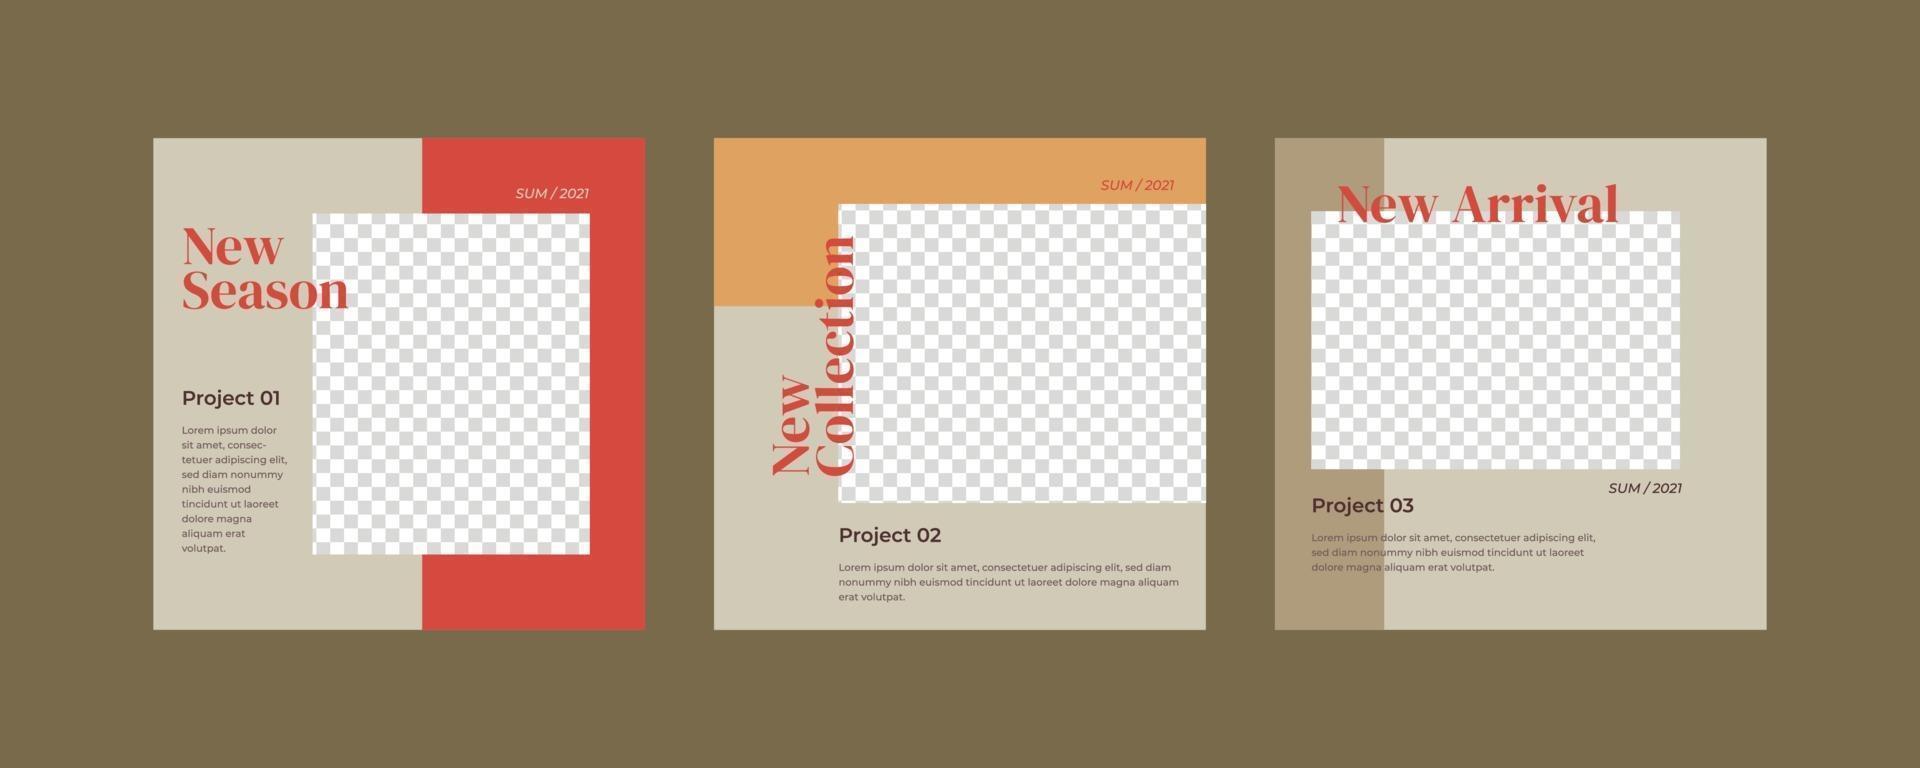 minimalistisk post för sociala medier. vektor